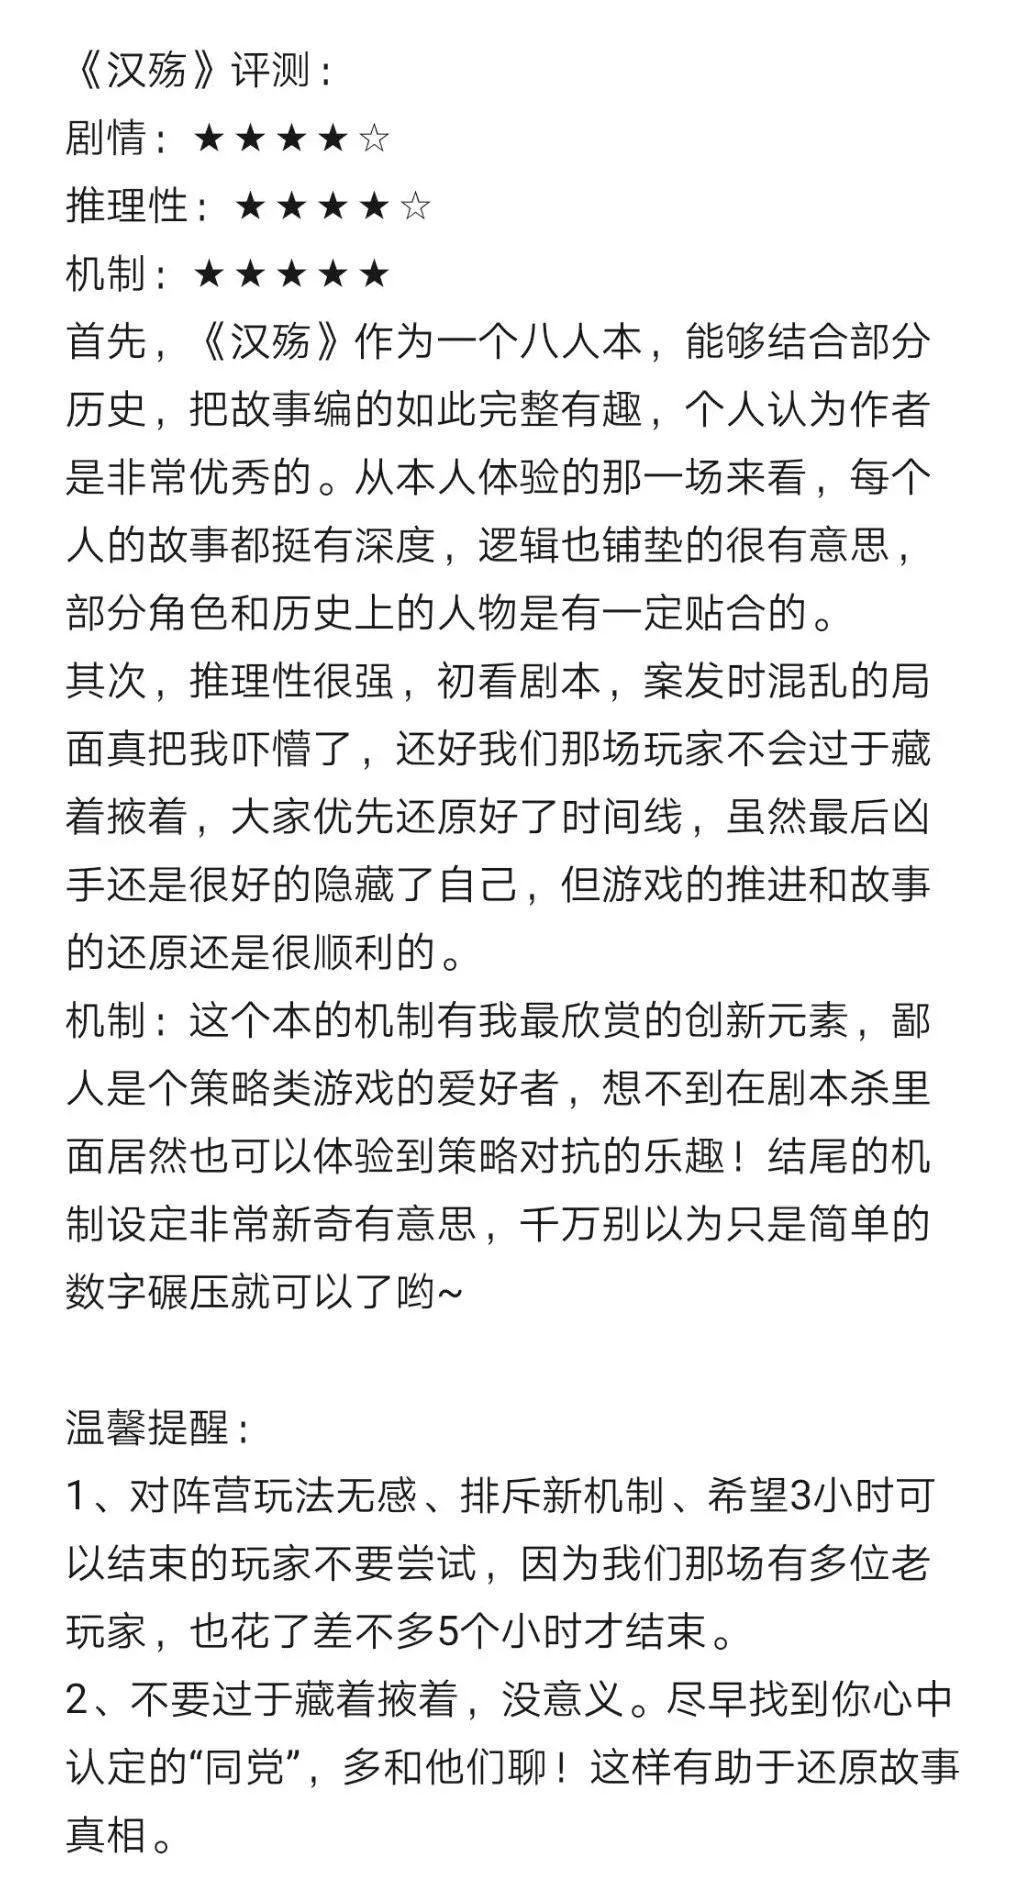 8人本剧本杀《汉殇》线索复盘真相剧透结局真凶手是谁?%-site_name